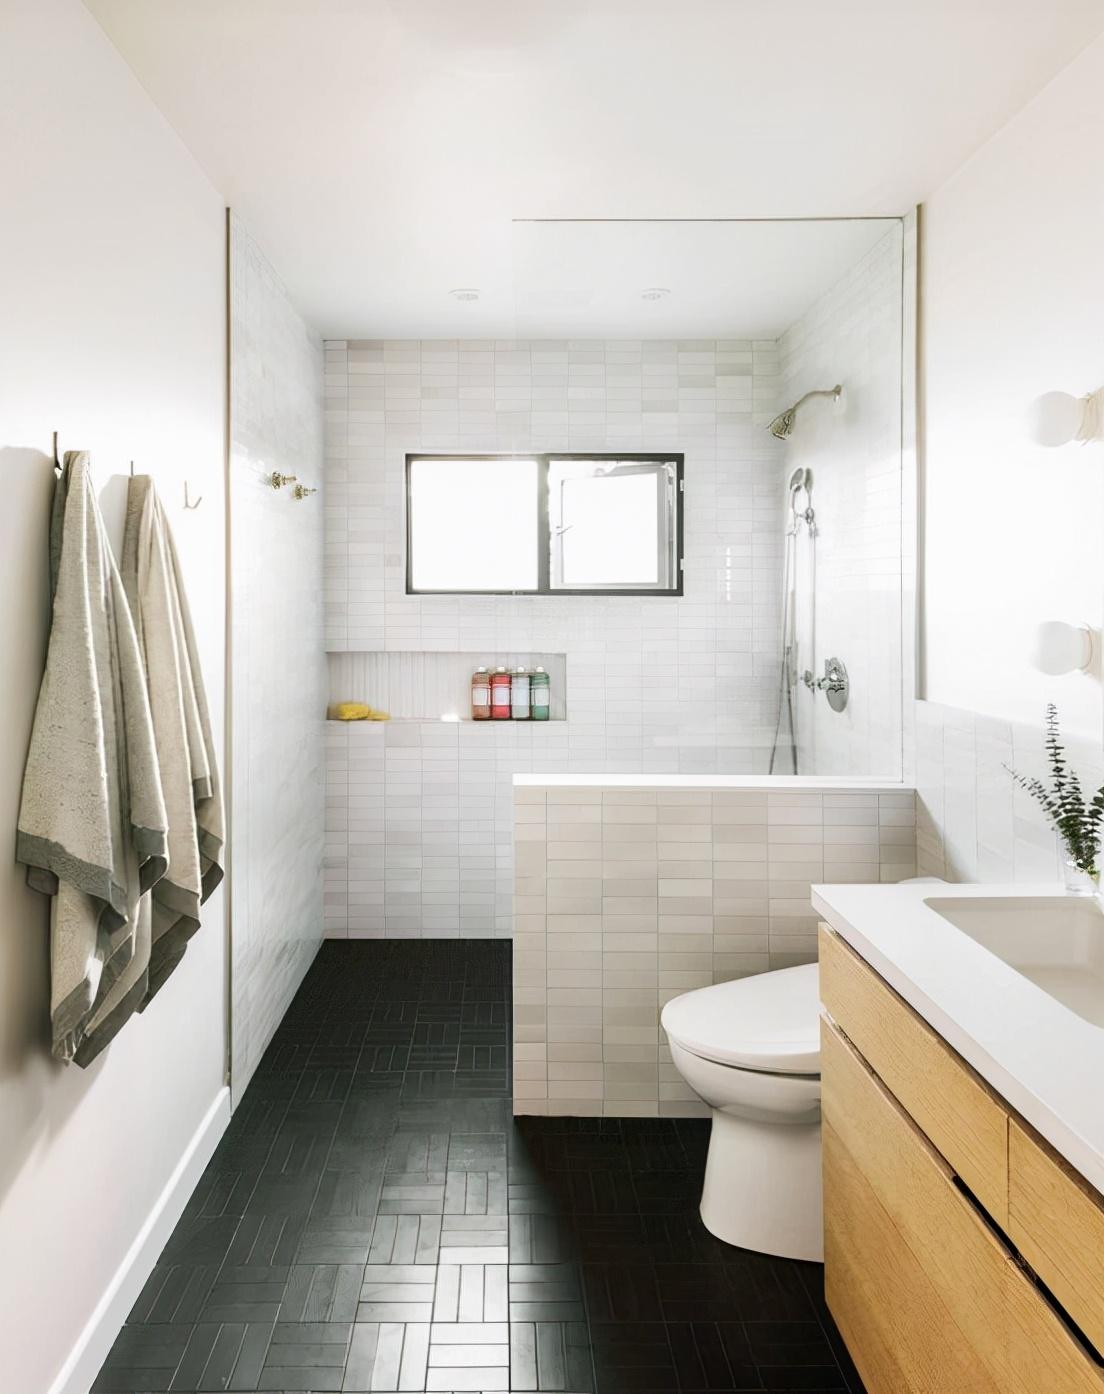 卫生间不用玻璃隔断怎么做 半墙更实用更优惠?